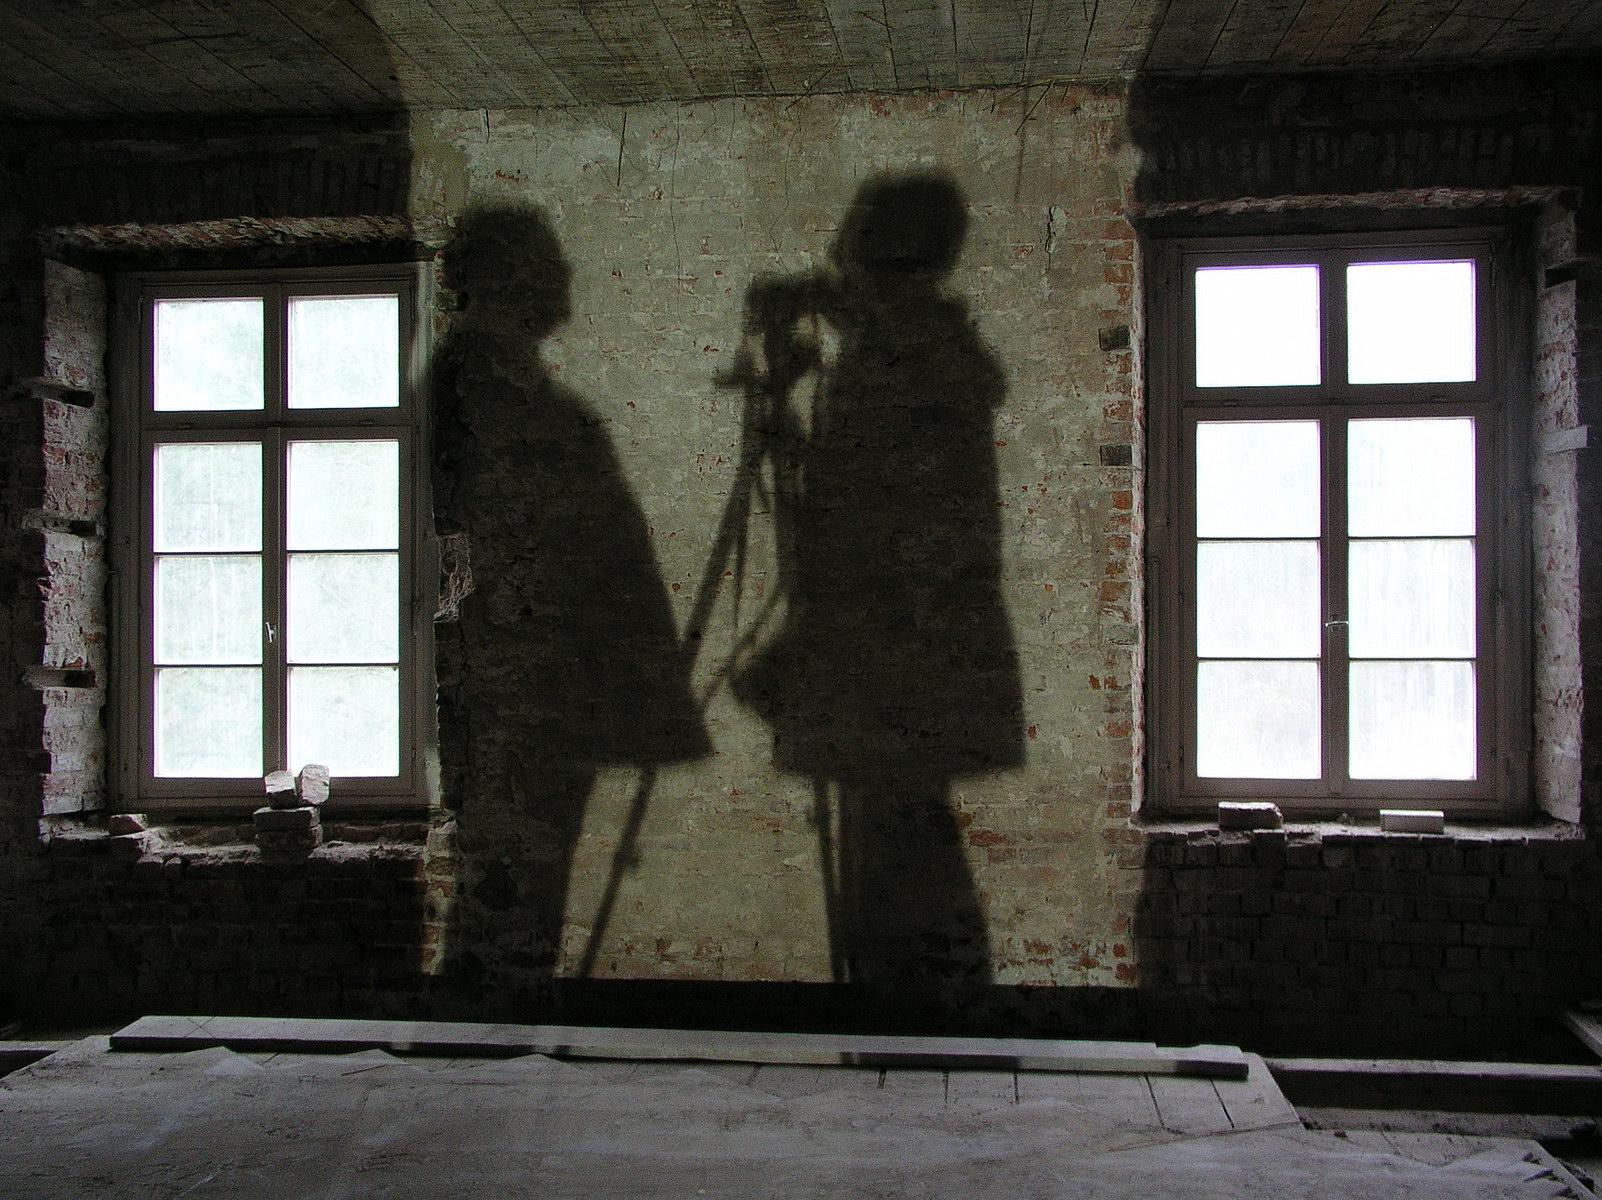 nütschau, herrenhaus, baustelle innen, EG, schatten bauforscher h.k.l.schulze und fotograf, 2003